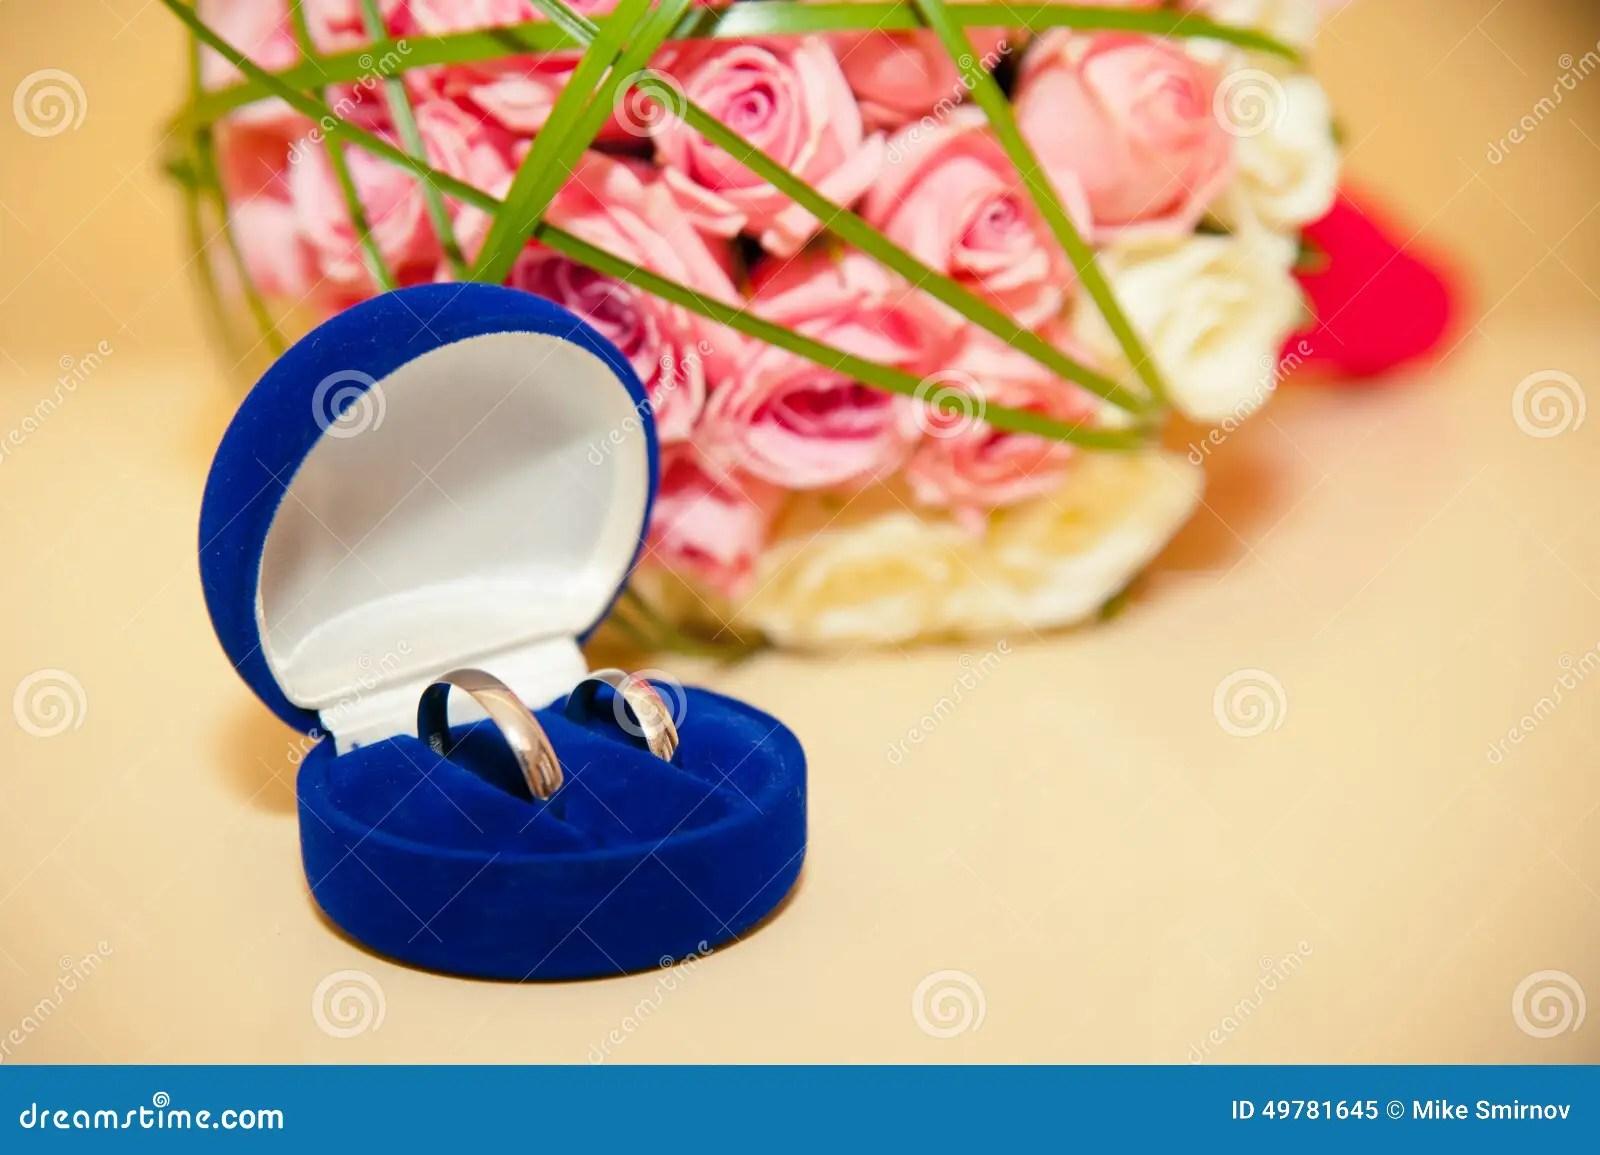 blue nile studio petite pave crown platinum engagement ring blue wedding rings Blue Nile Studio Petite French Pav Crown Diamond Engagement Ring in Platinum 1 3 ct tw